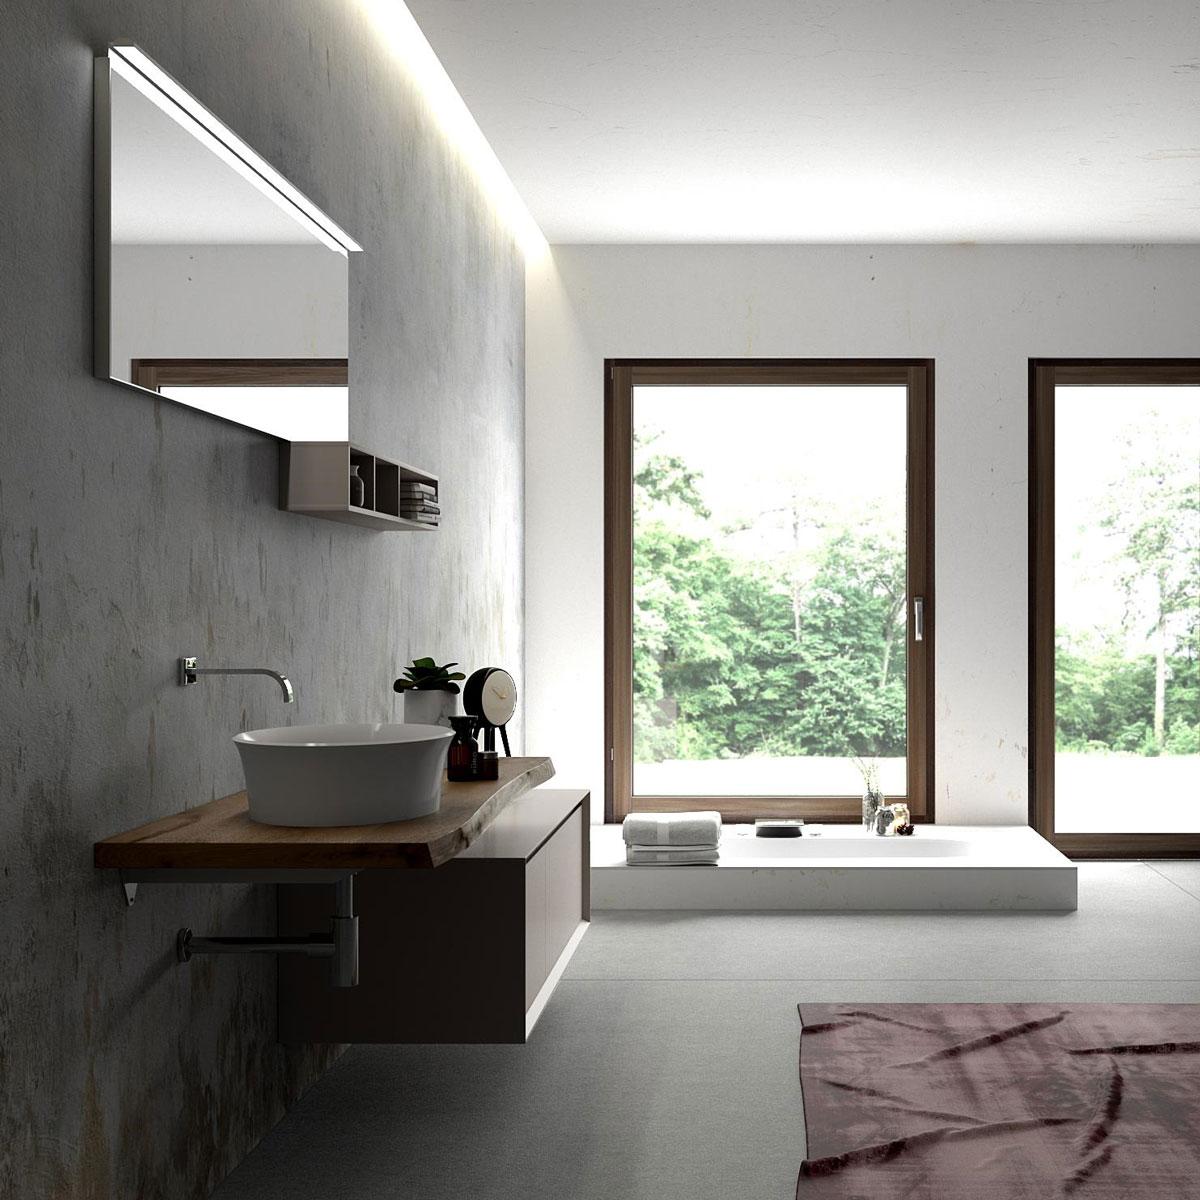 Mobili bagno legno massello paletto illuminazione giardino finta